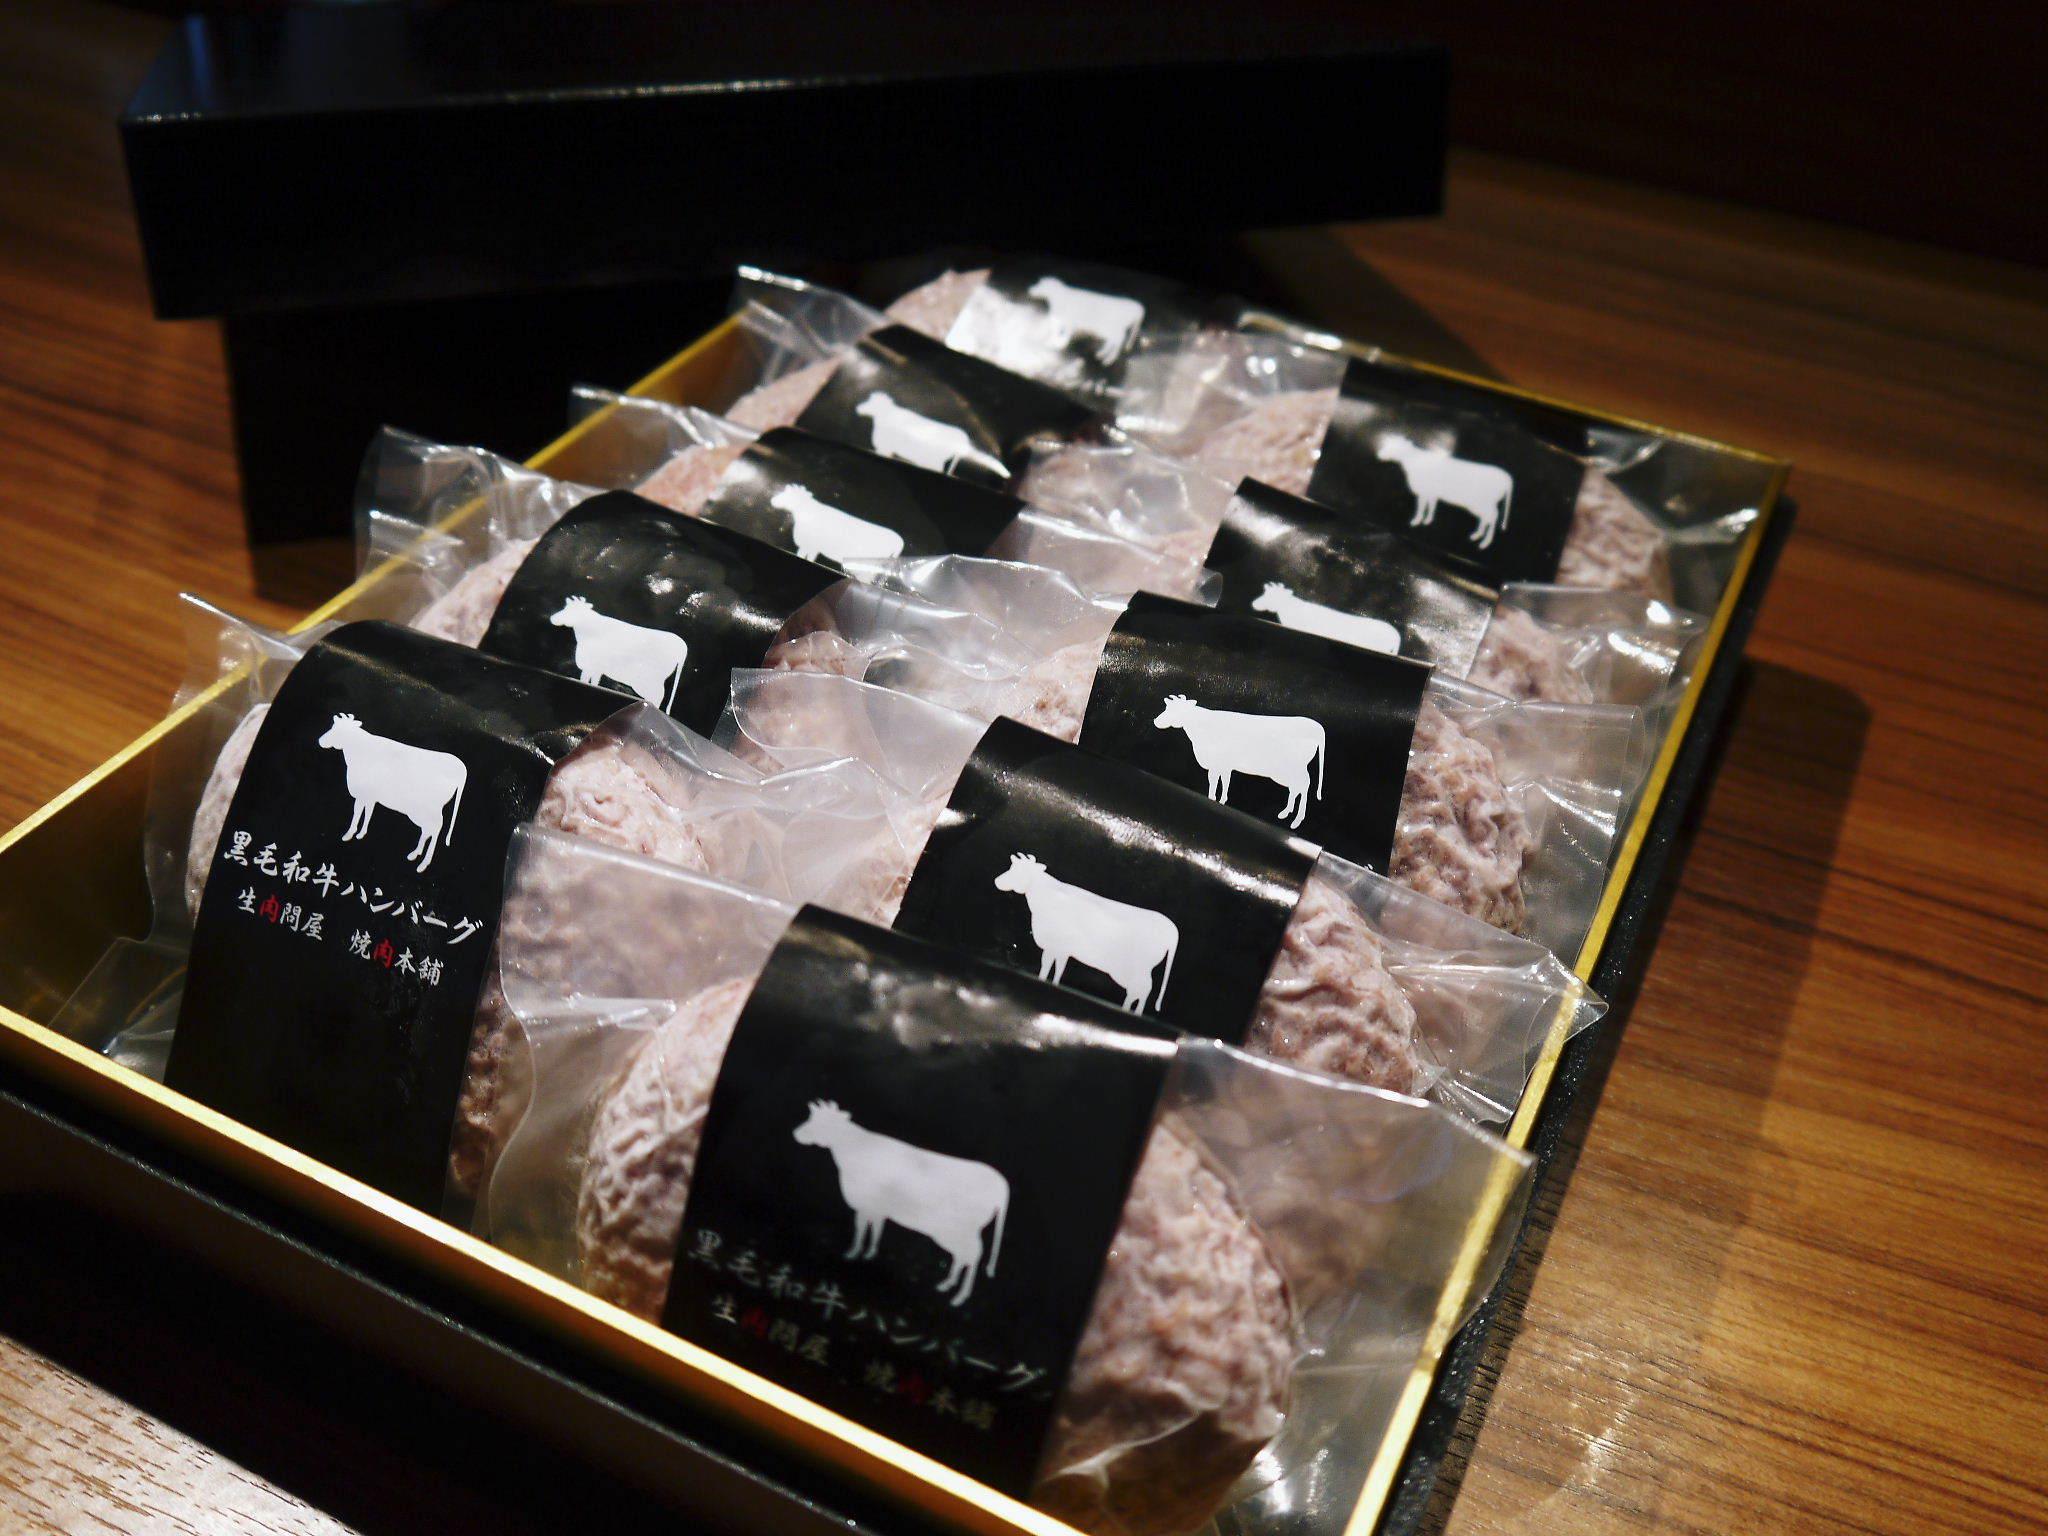 熊本県産の黒毛和牛100%のハンバーグステーキ!数量限定販売中!令和3年2月は17日(水)の出荷です! _a0254656_15083641.jpg